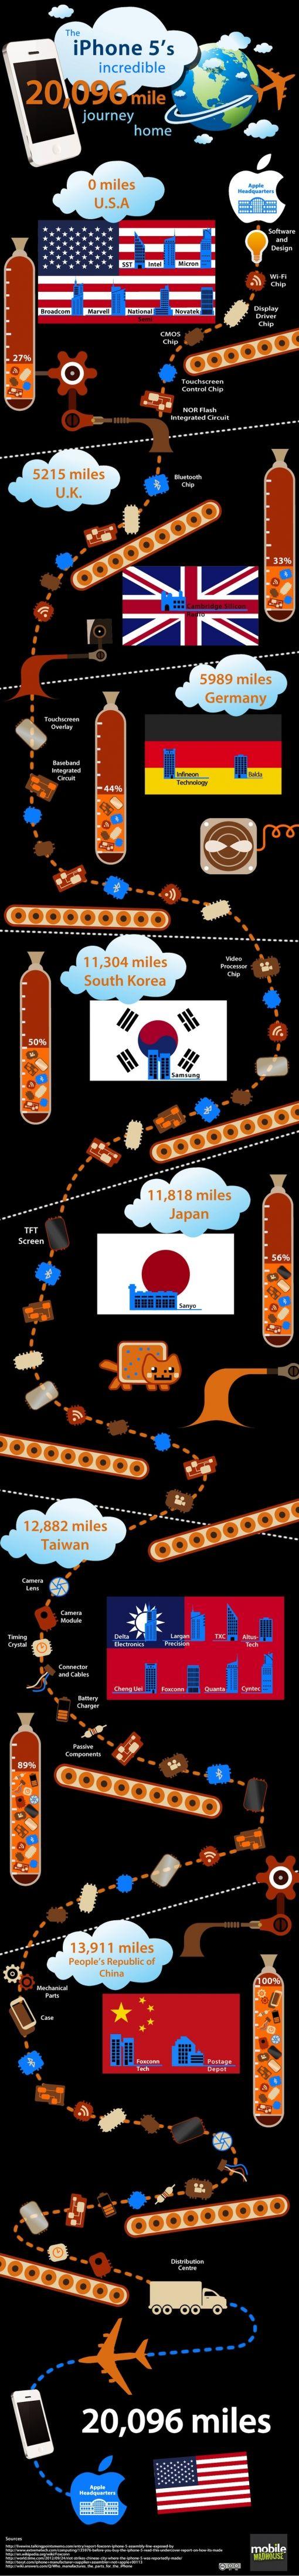 iphone_journey_infographic